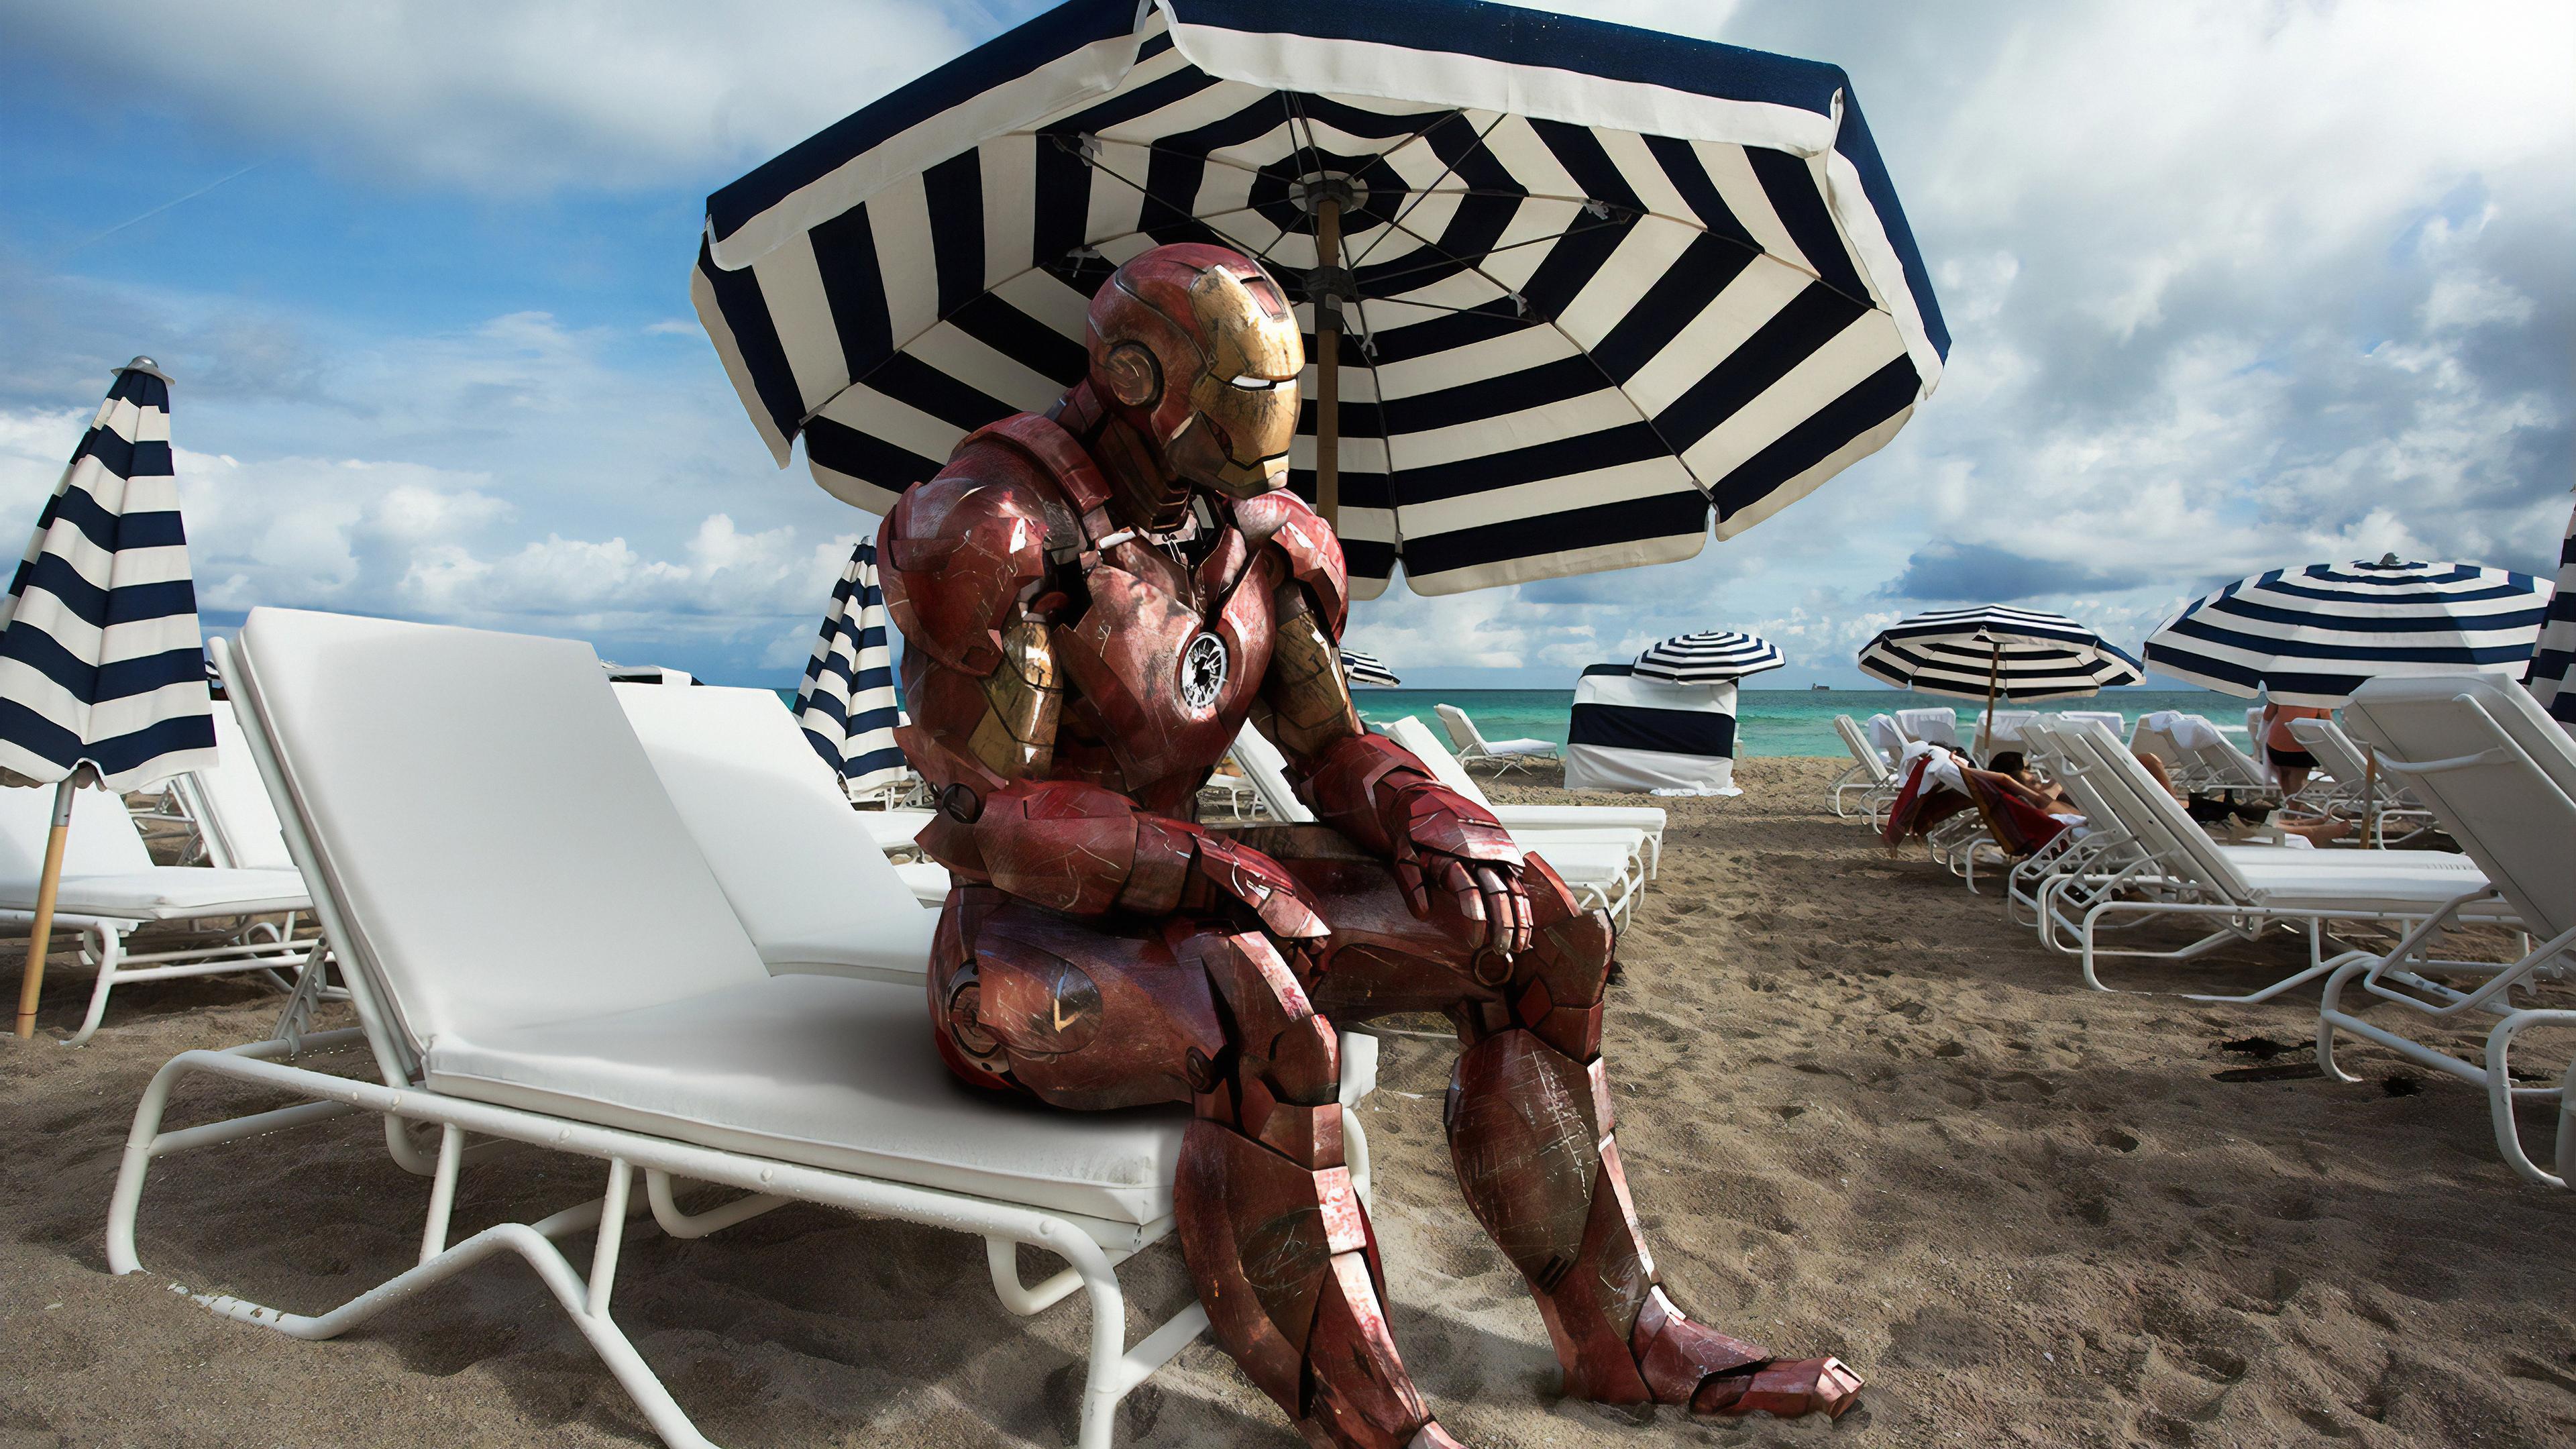 iron man on beach 1570394571 - Iron Man On Beach - superheroes wallpapers, iron man wallpapers, hd-wallpapers, digital art wallpapers, behance wallpapers, artwork wallpapers, 4k-wallpapers